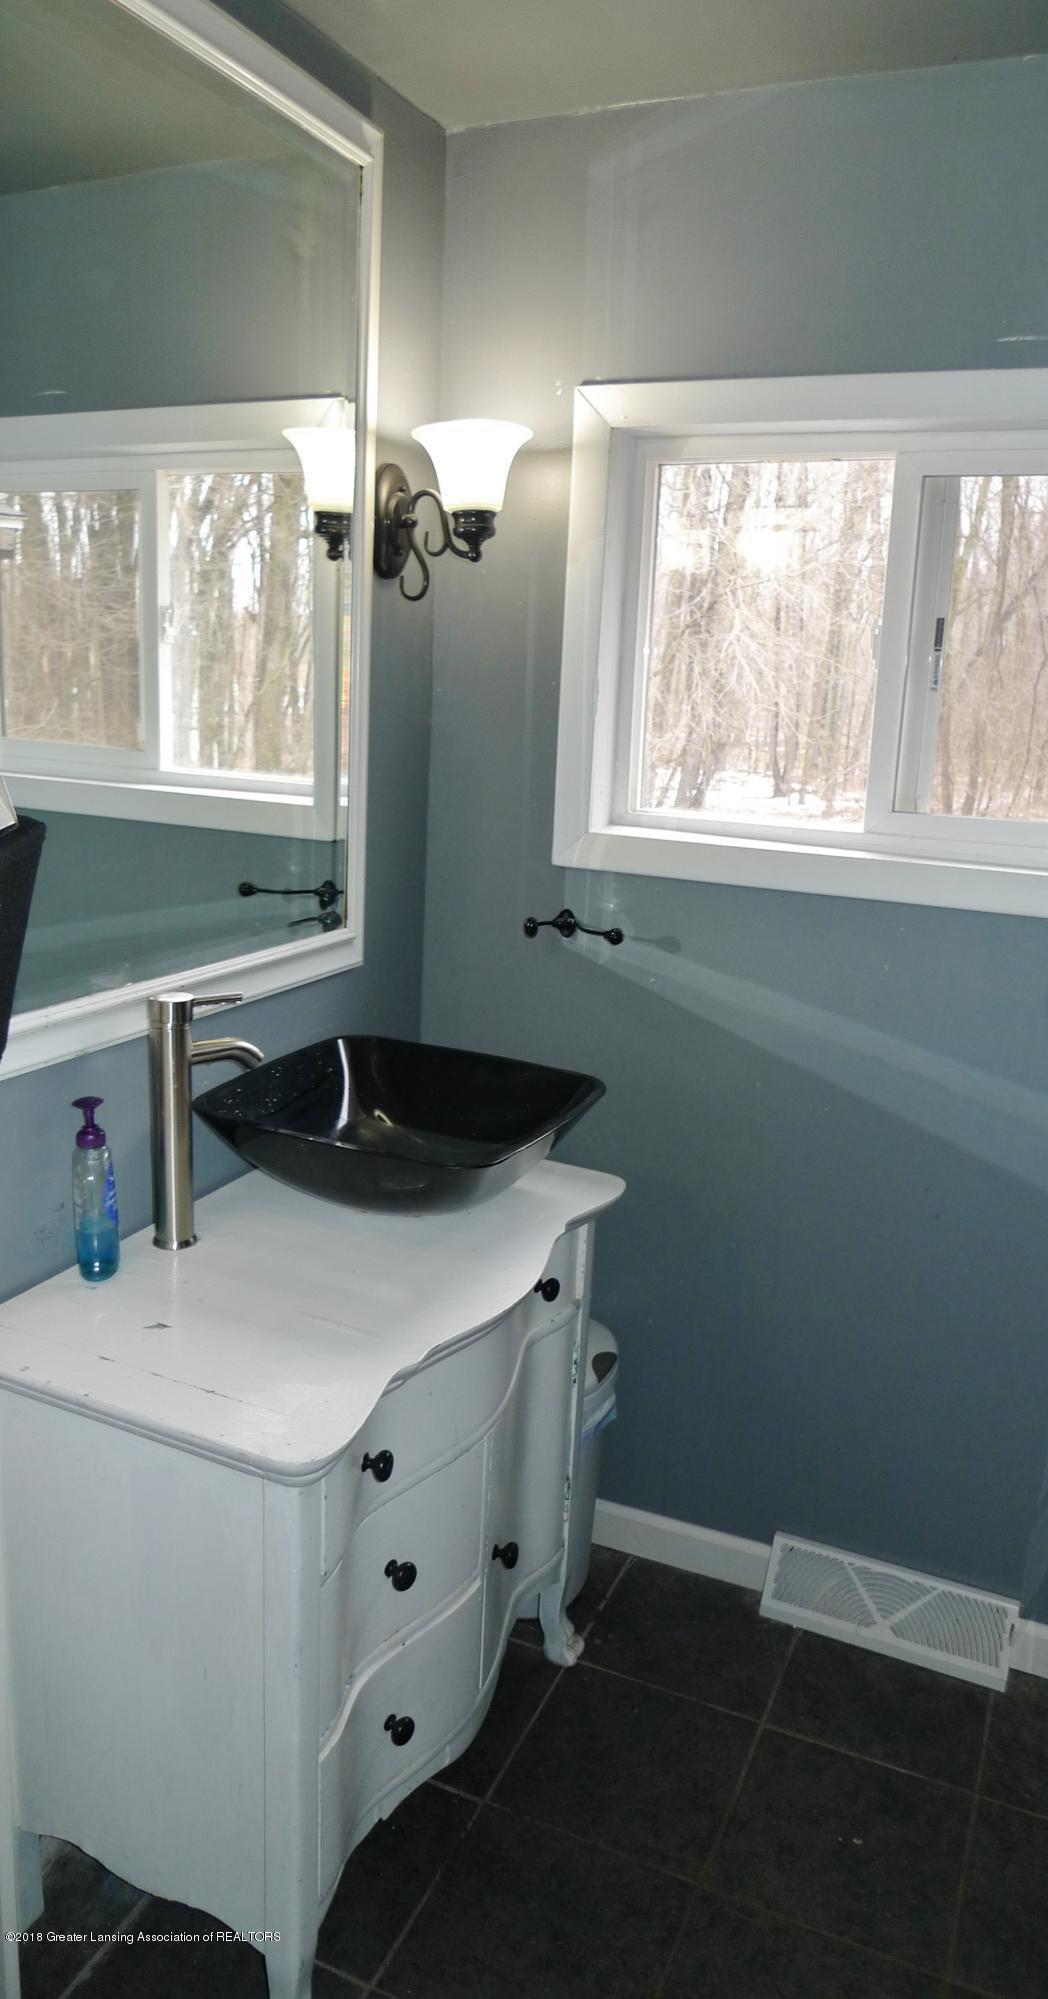 6547 E Cutler Rd - 10 bathroom - 10